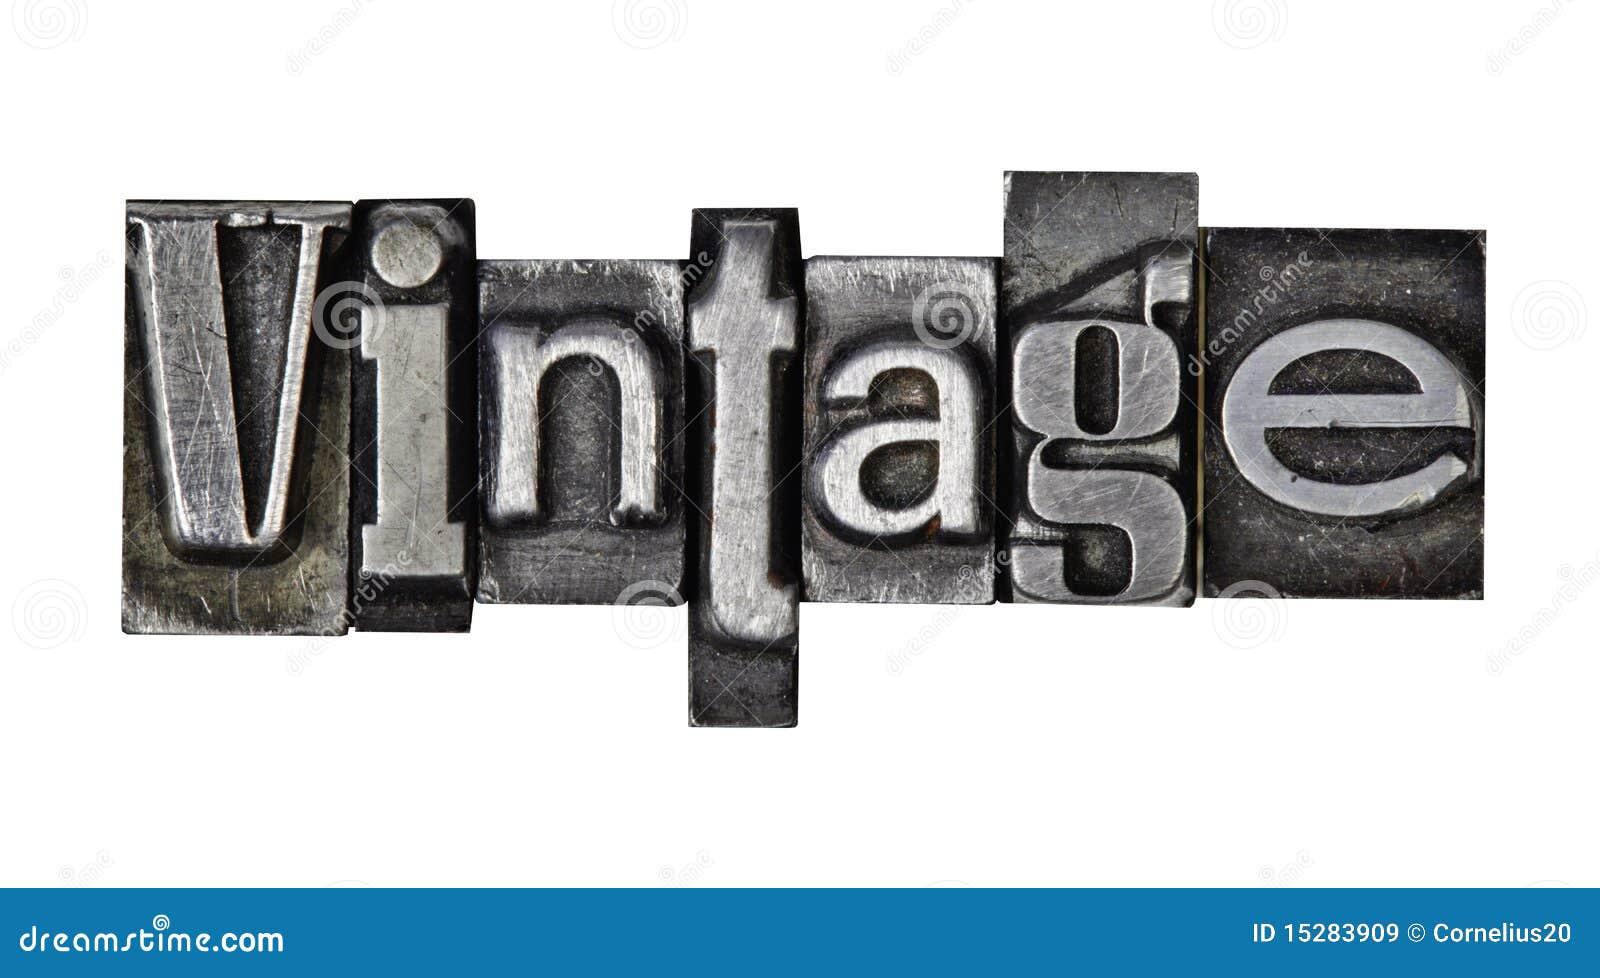 Wijnoogst royalty vrije stock afbeeldingen afbeelding 15283909 - Wijnoogst ...